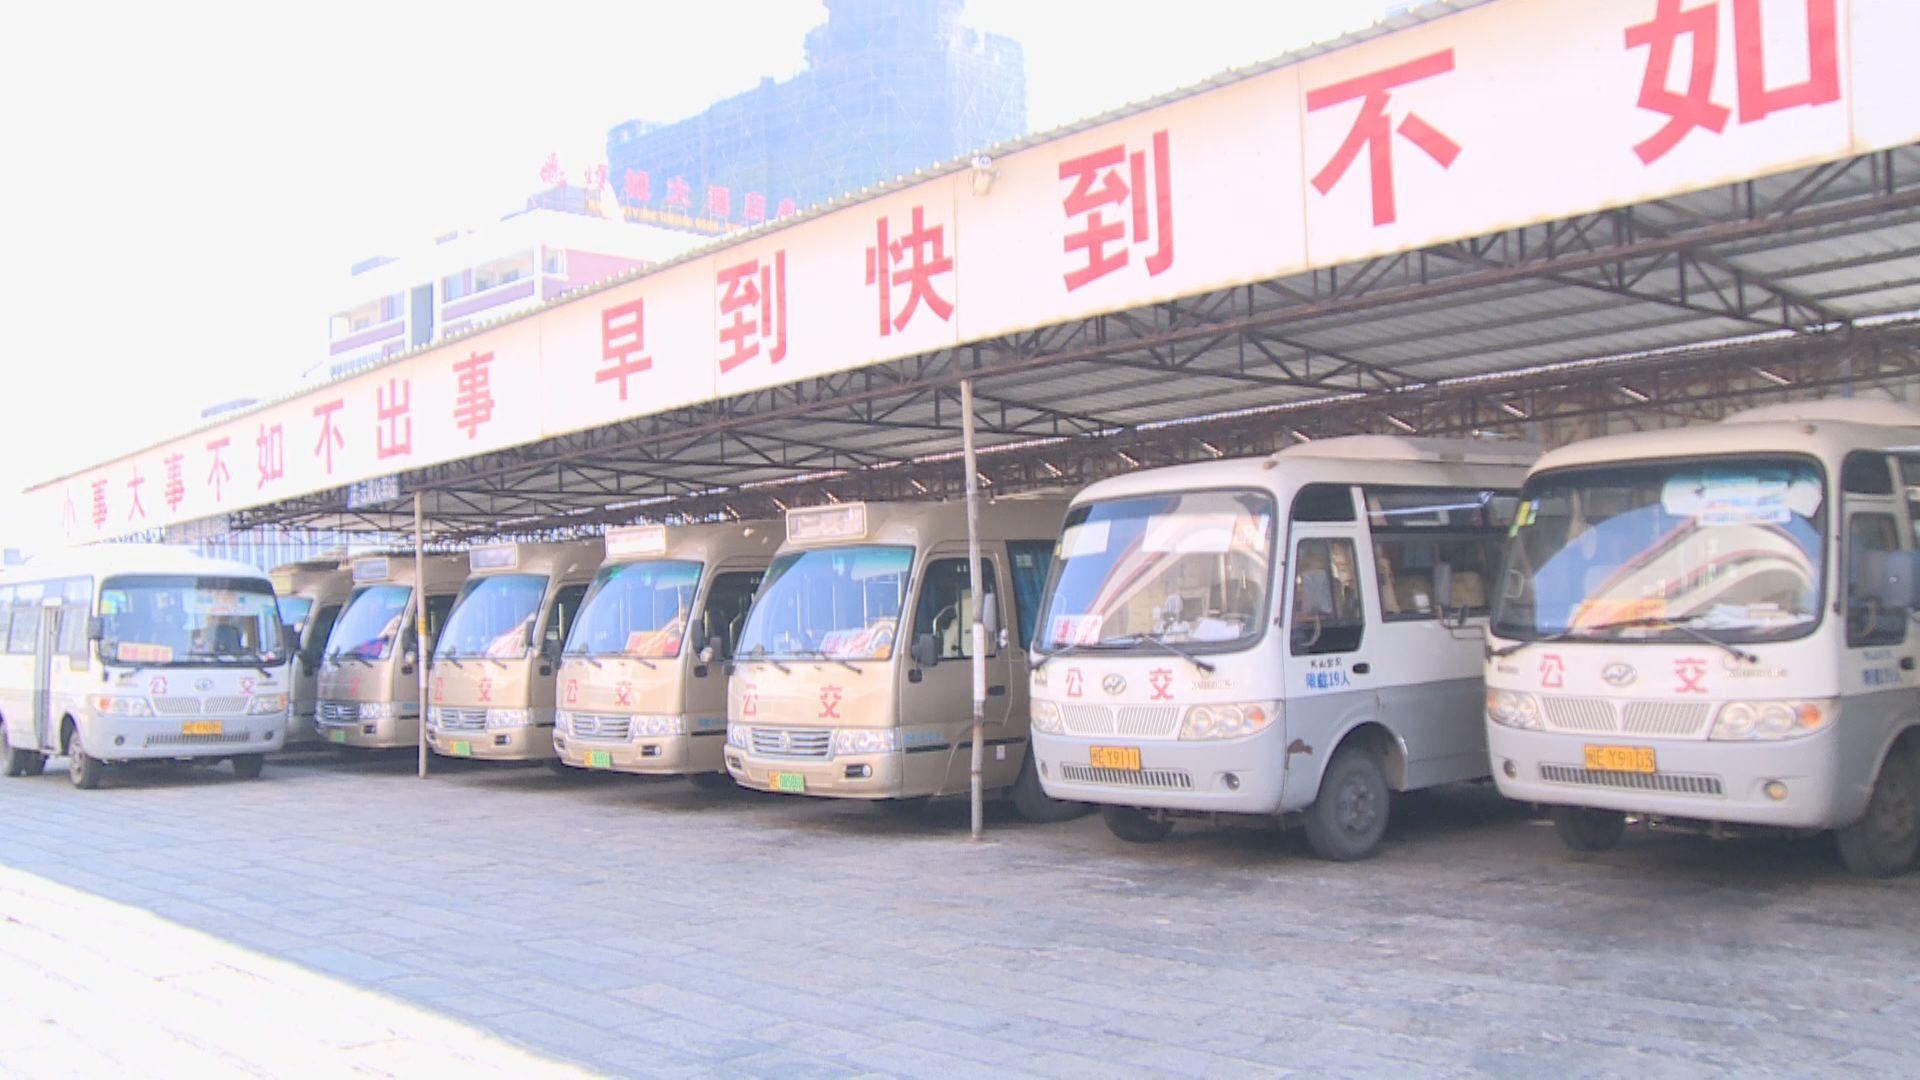 漳州东山:春运客流攀升 车站在行动